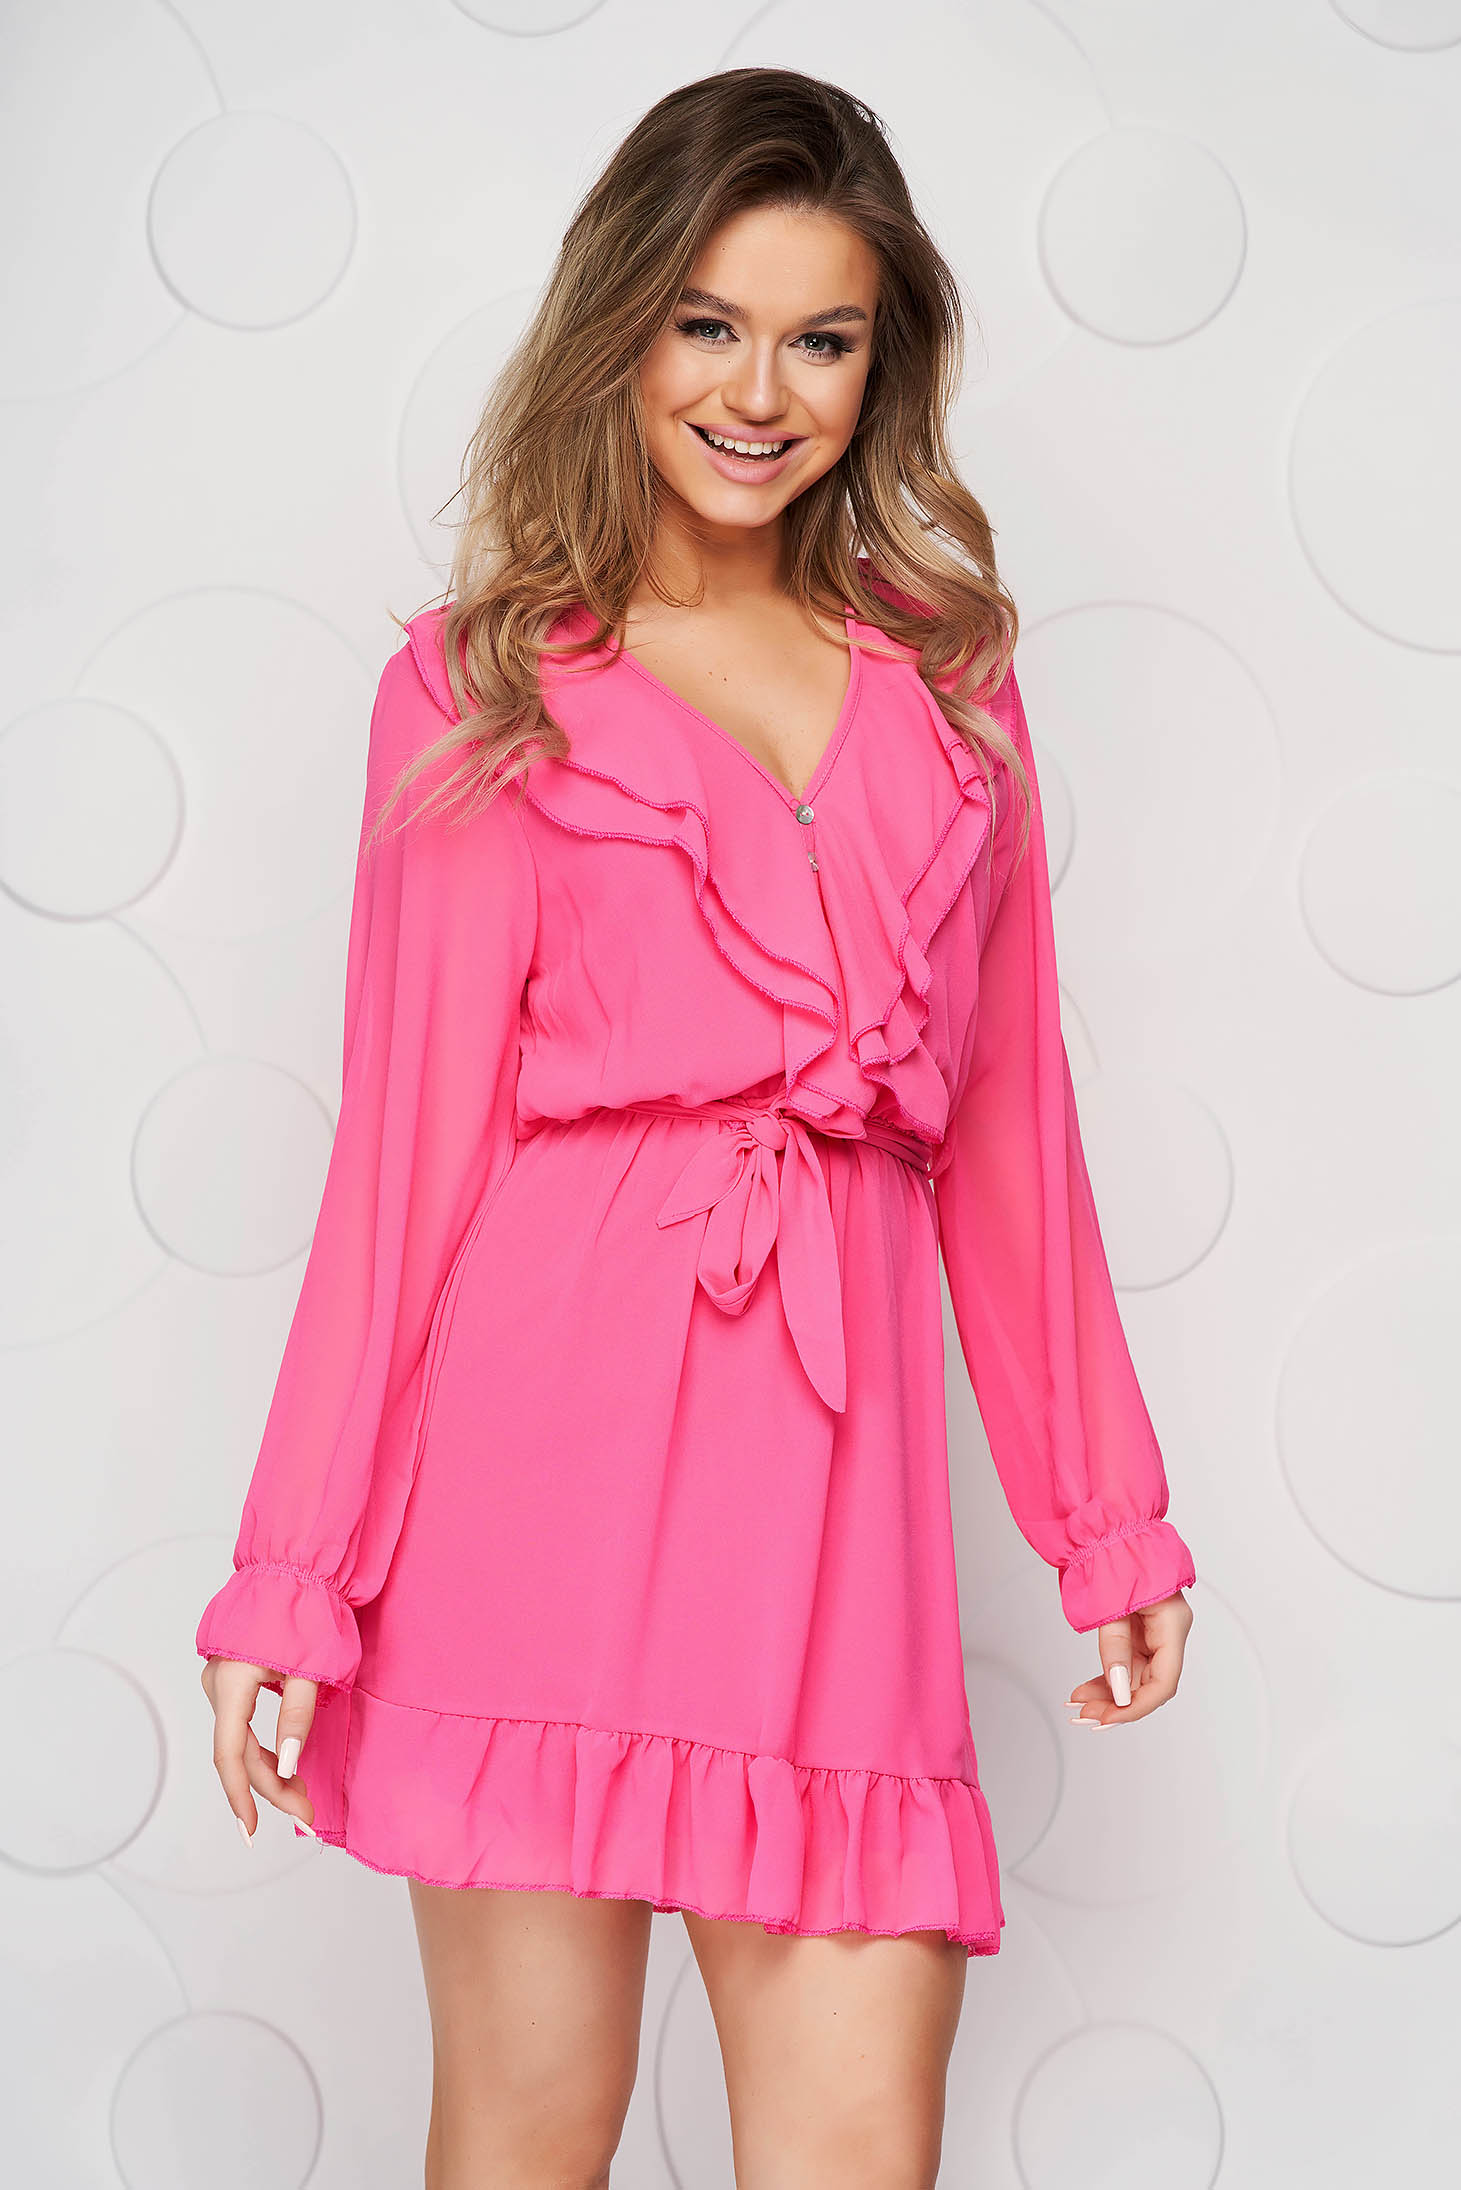 Fukszia rövid elegáns ruha muszlinból fodrok a ruha alján harang alakú gumirozott derékrésszel